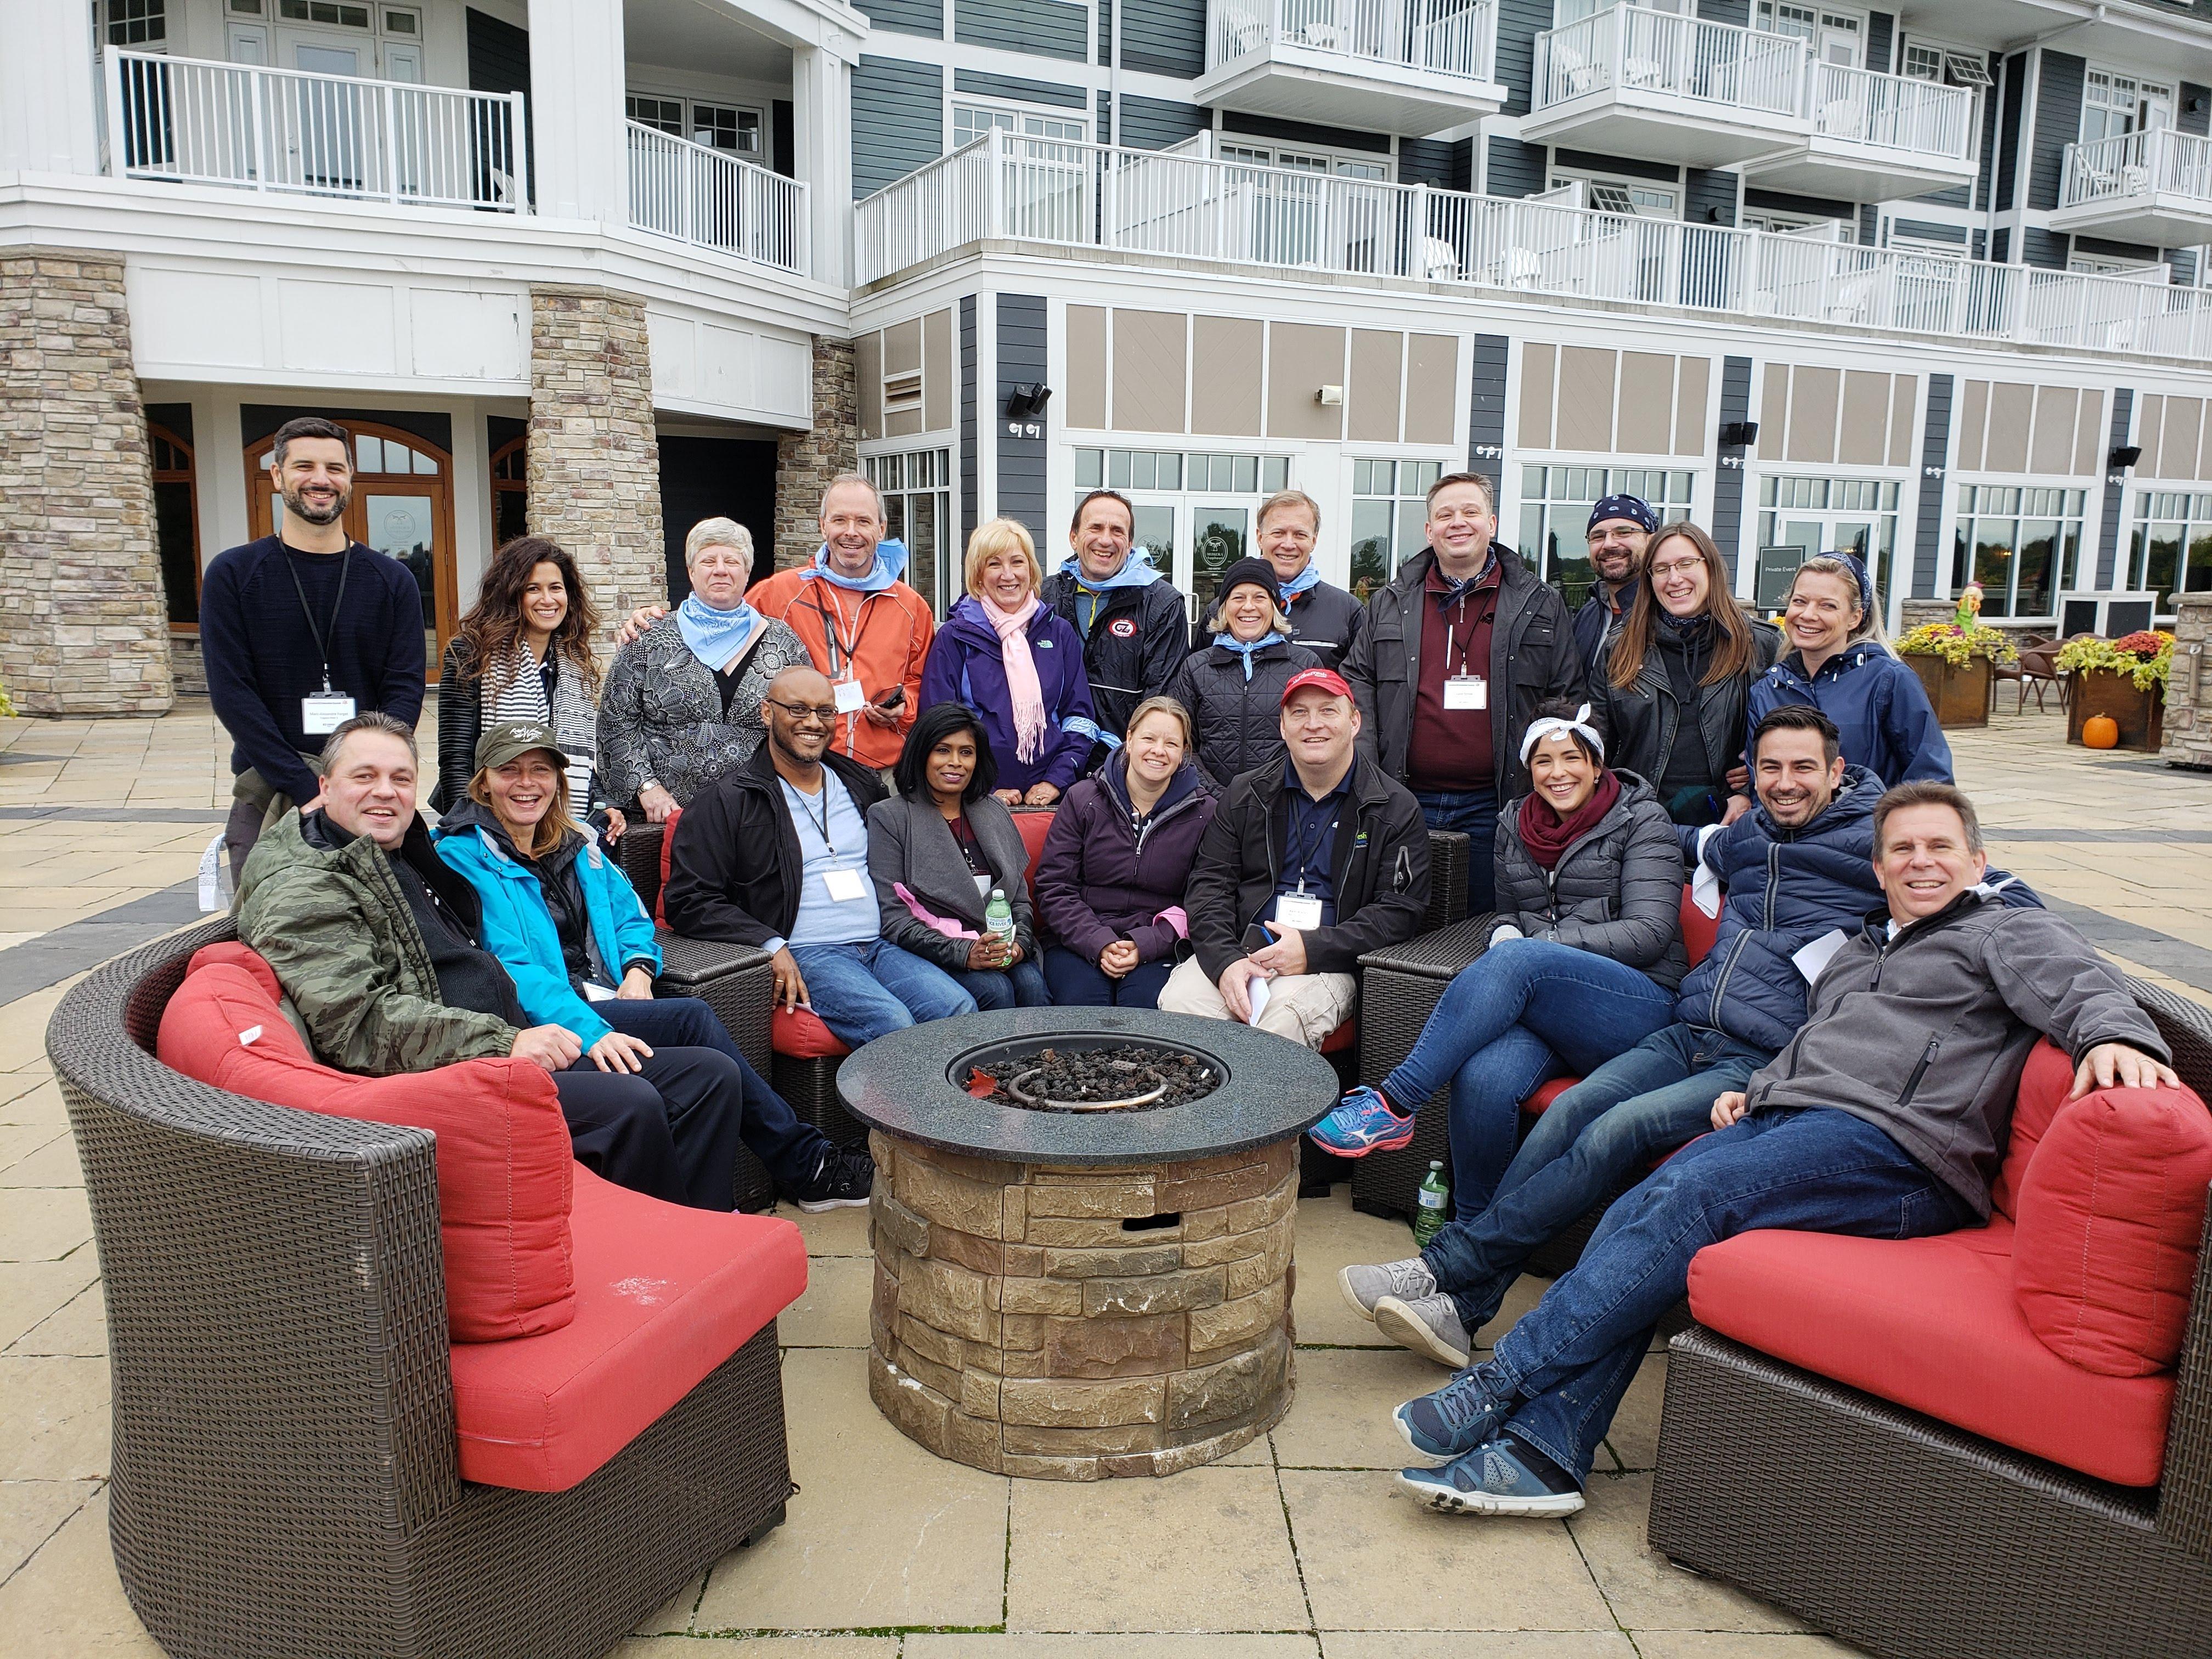 Orienteering group - CanadianCIO Summit 2018